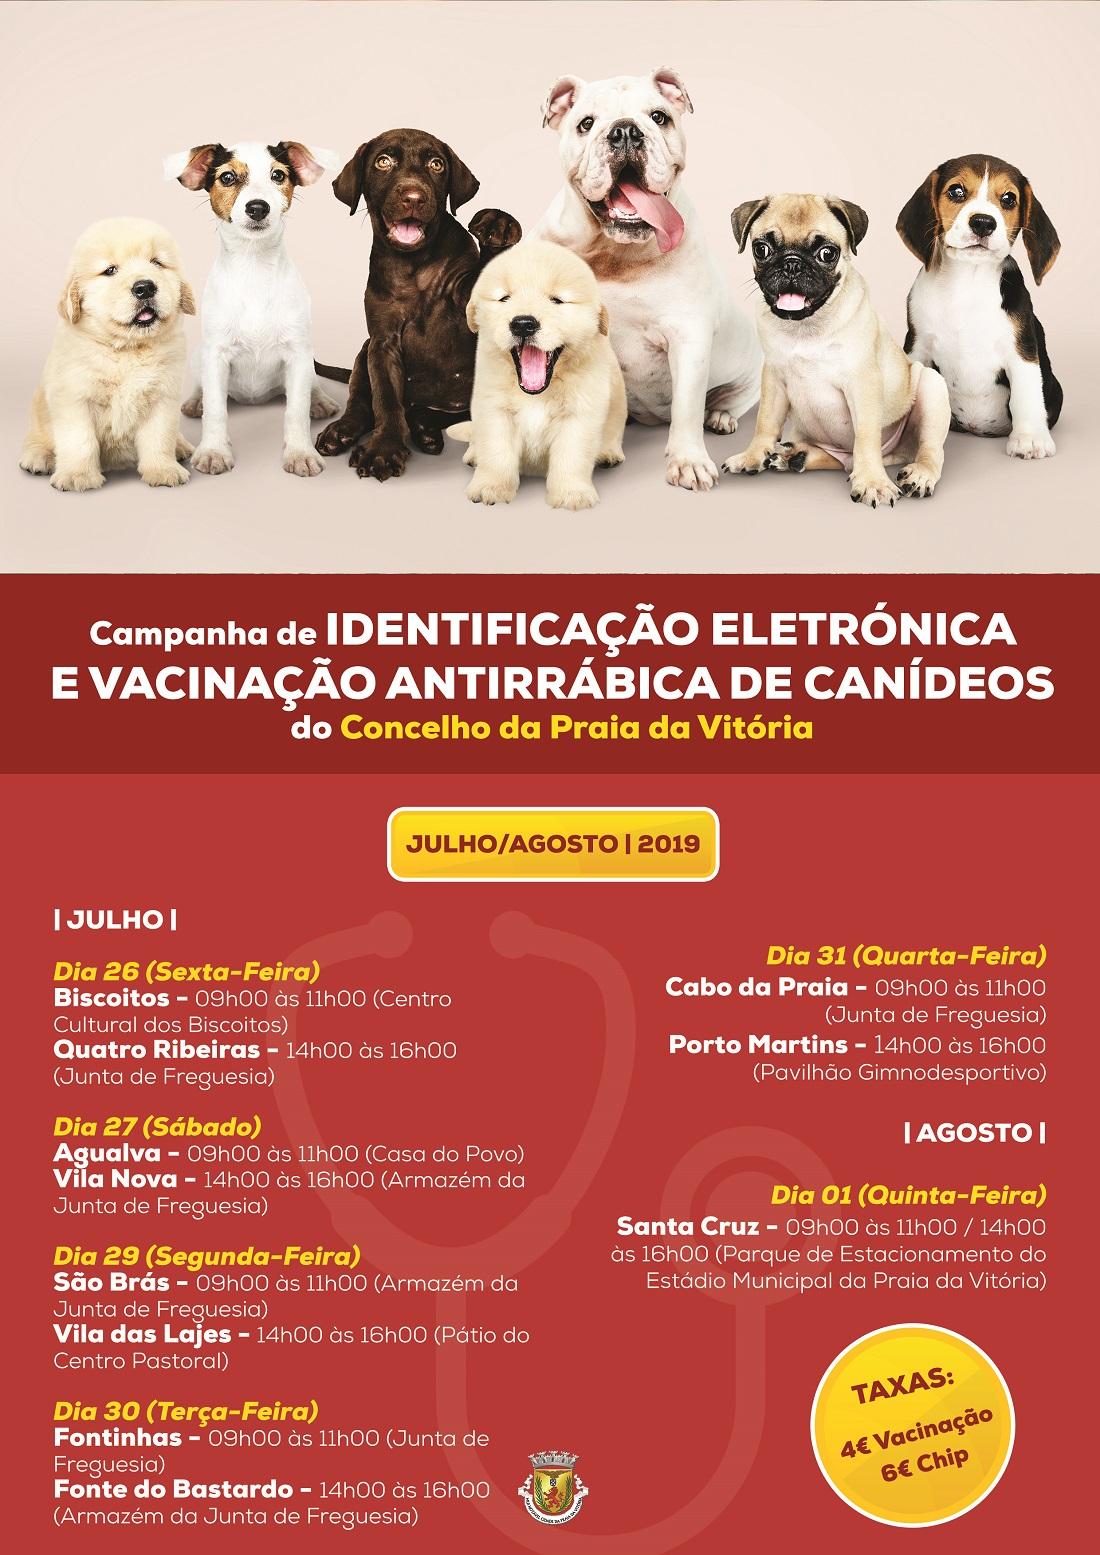 Município da Praia da Vitória promove campanha de vacinação